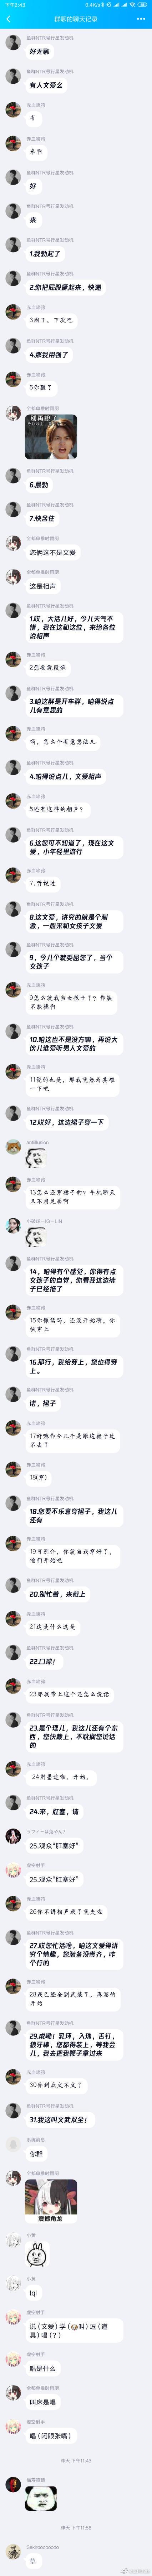 小B娱乐2019福利汇总第0501期:恶作剧 素材图片 第26张